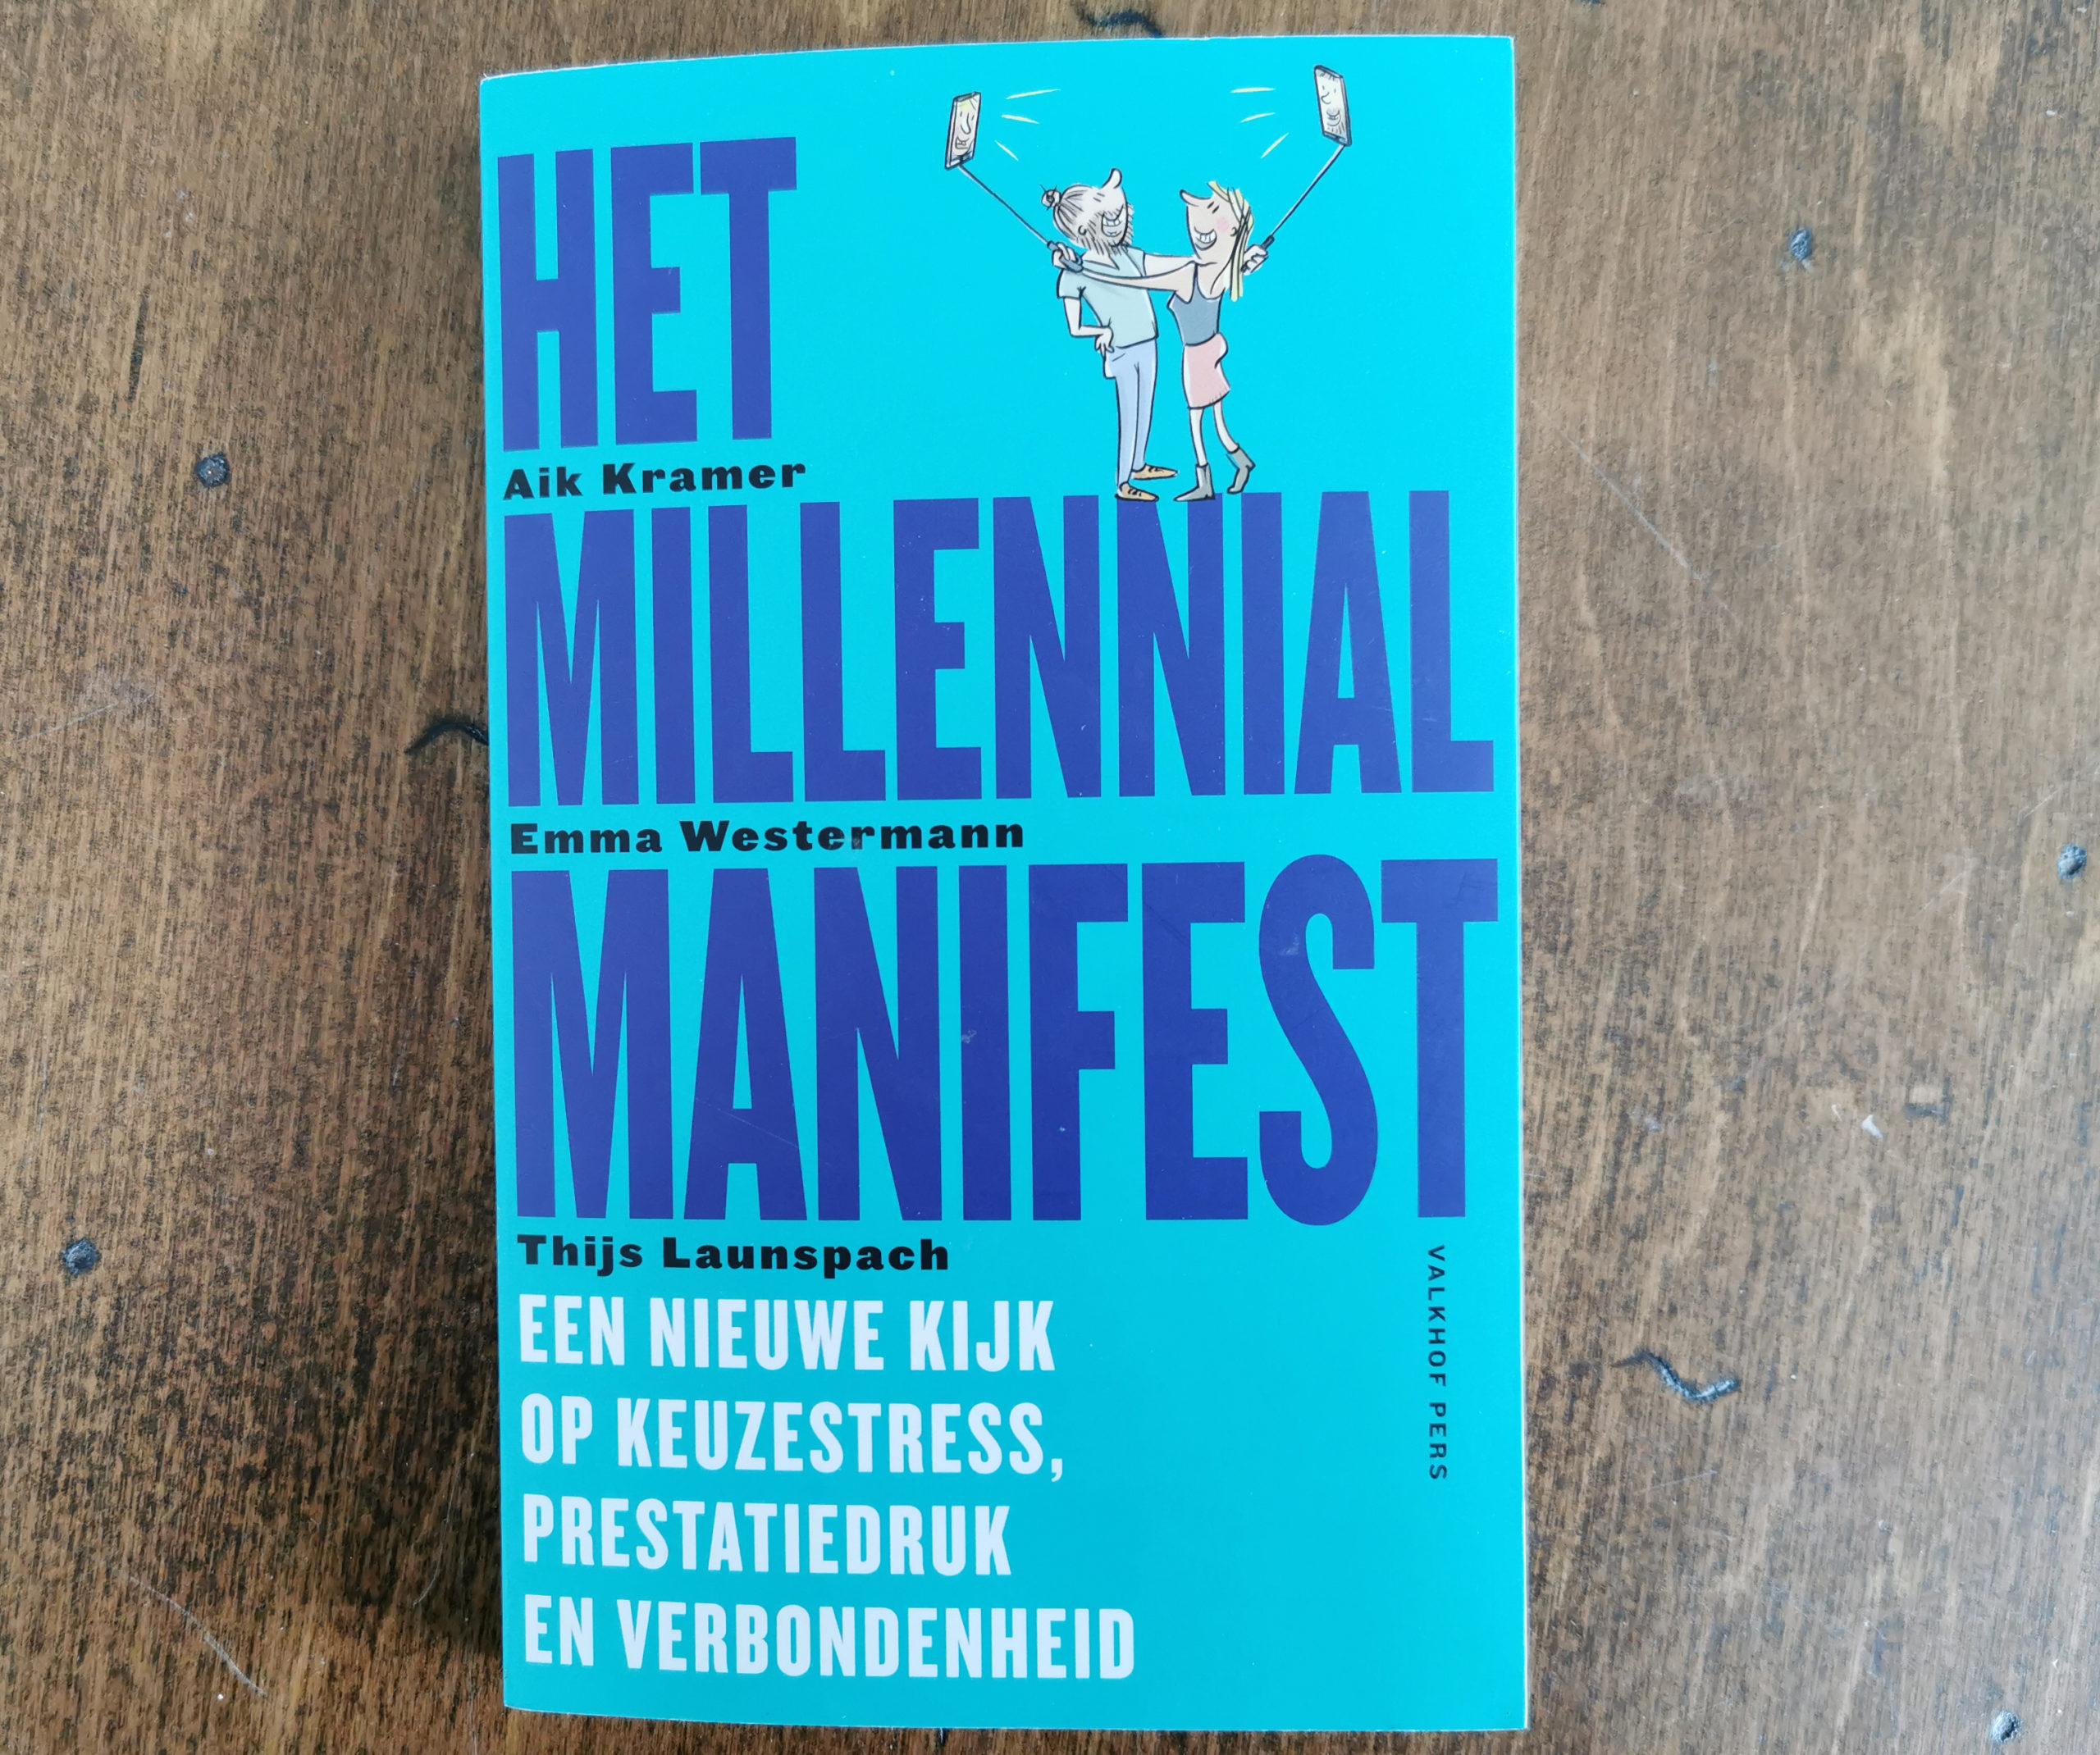 Illustraties Boek Het Millennial Manifest